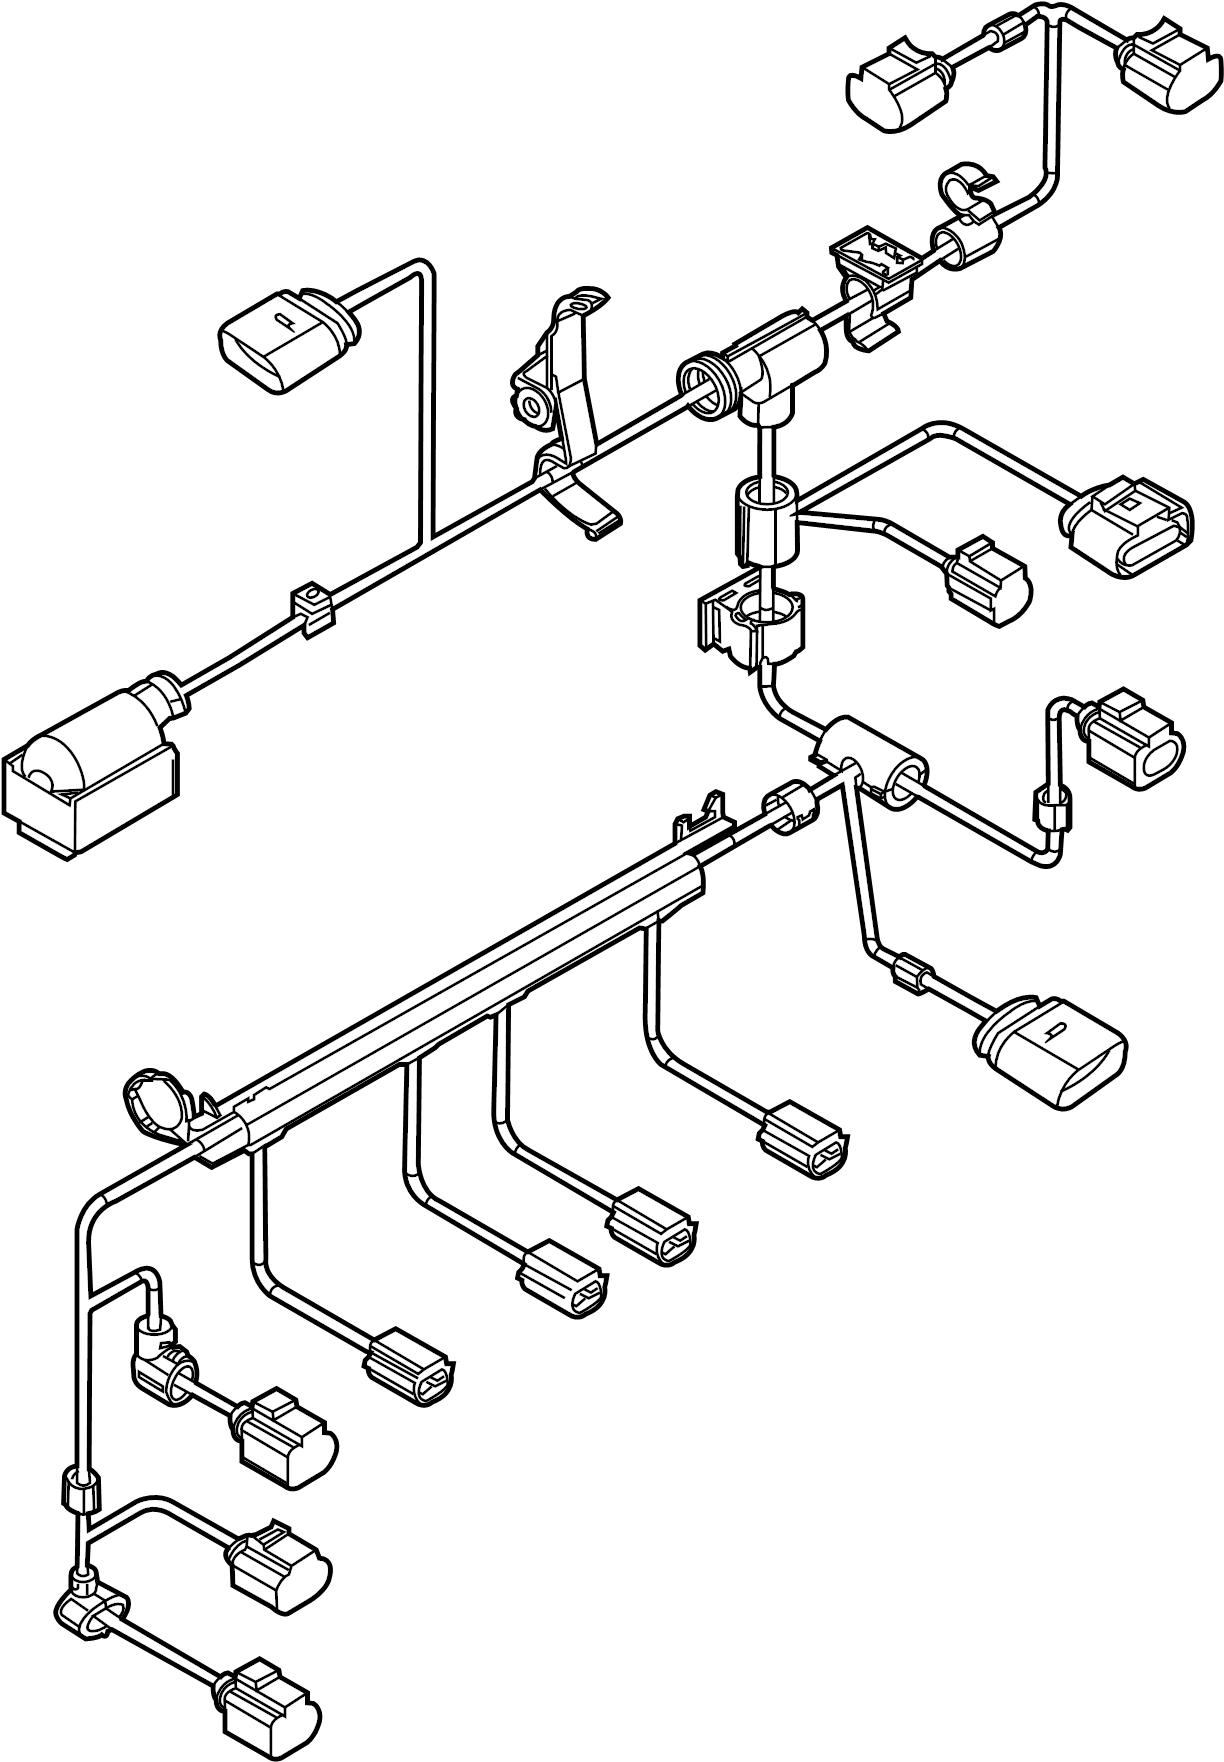 Volkswagen Jetta Engine Wiring Harness. 2.0 LITER, GAS, W